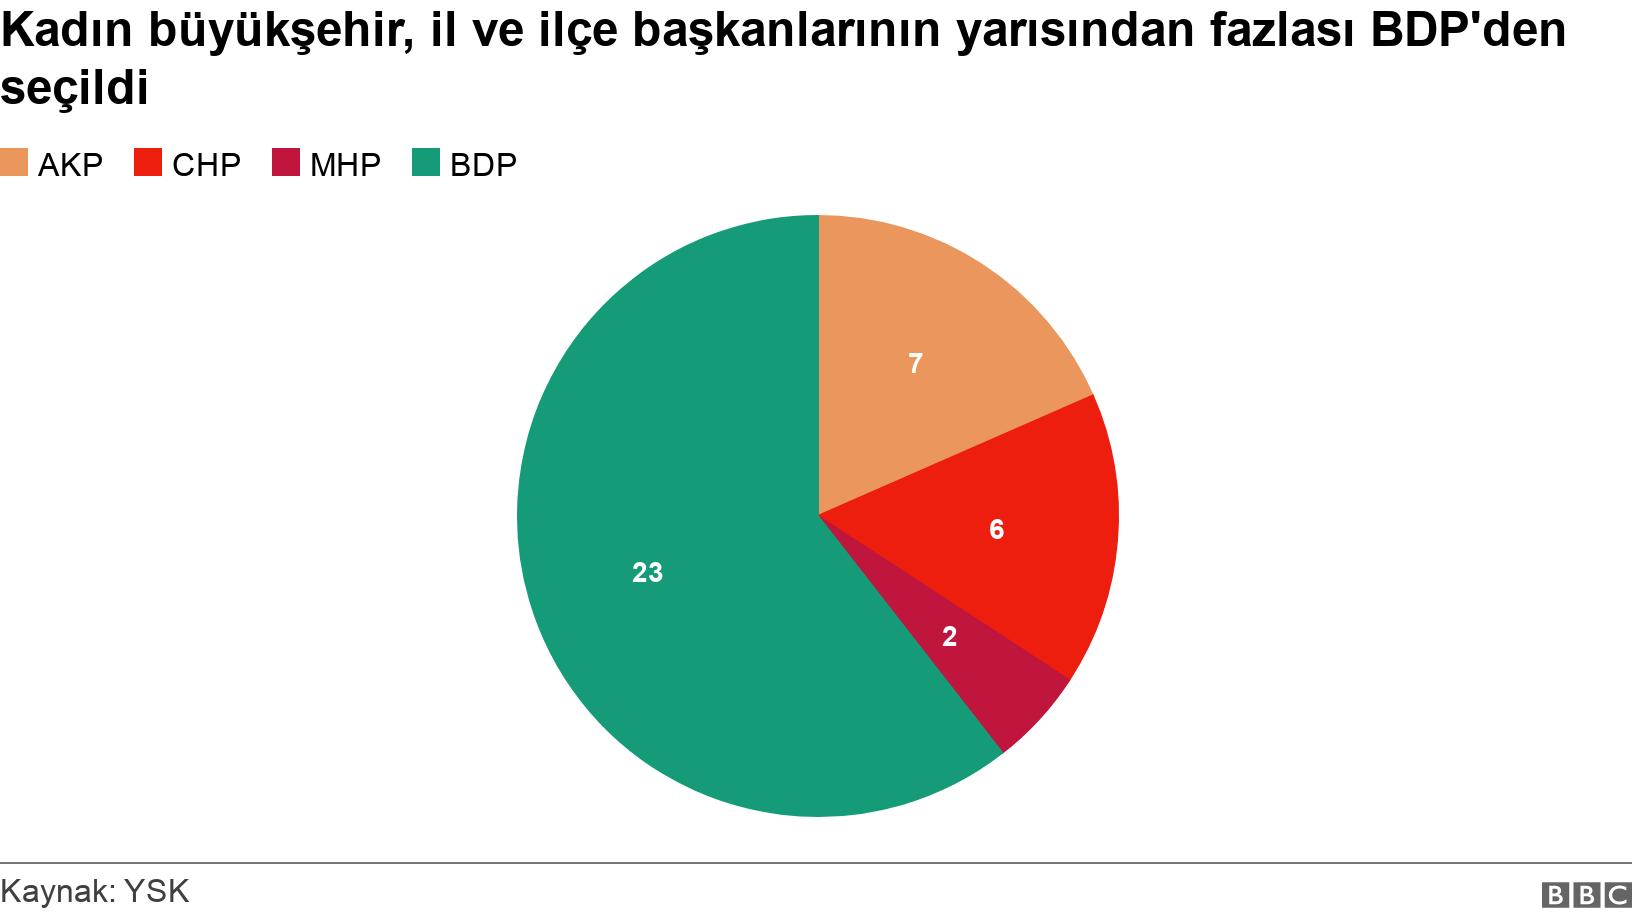 Kadın büyükşehir, il ve ilçe başkanlarının yarısından fazlası BDP'den seçildi. .  .